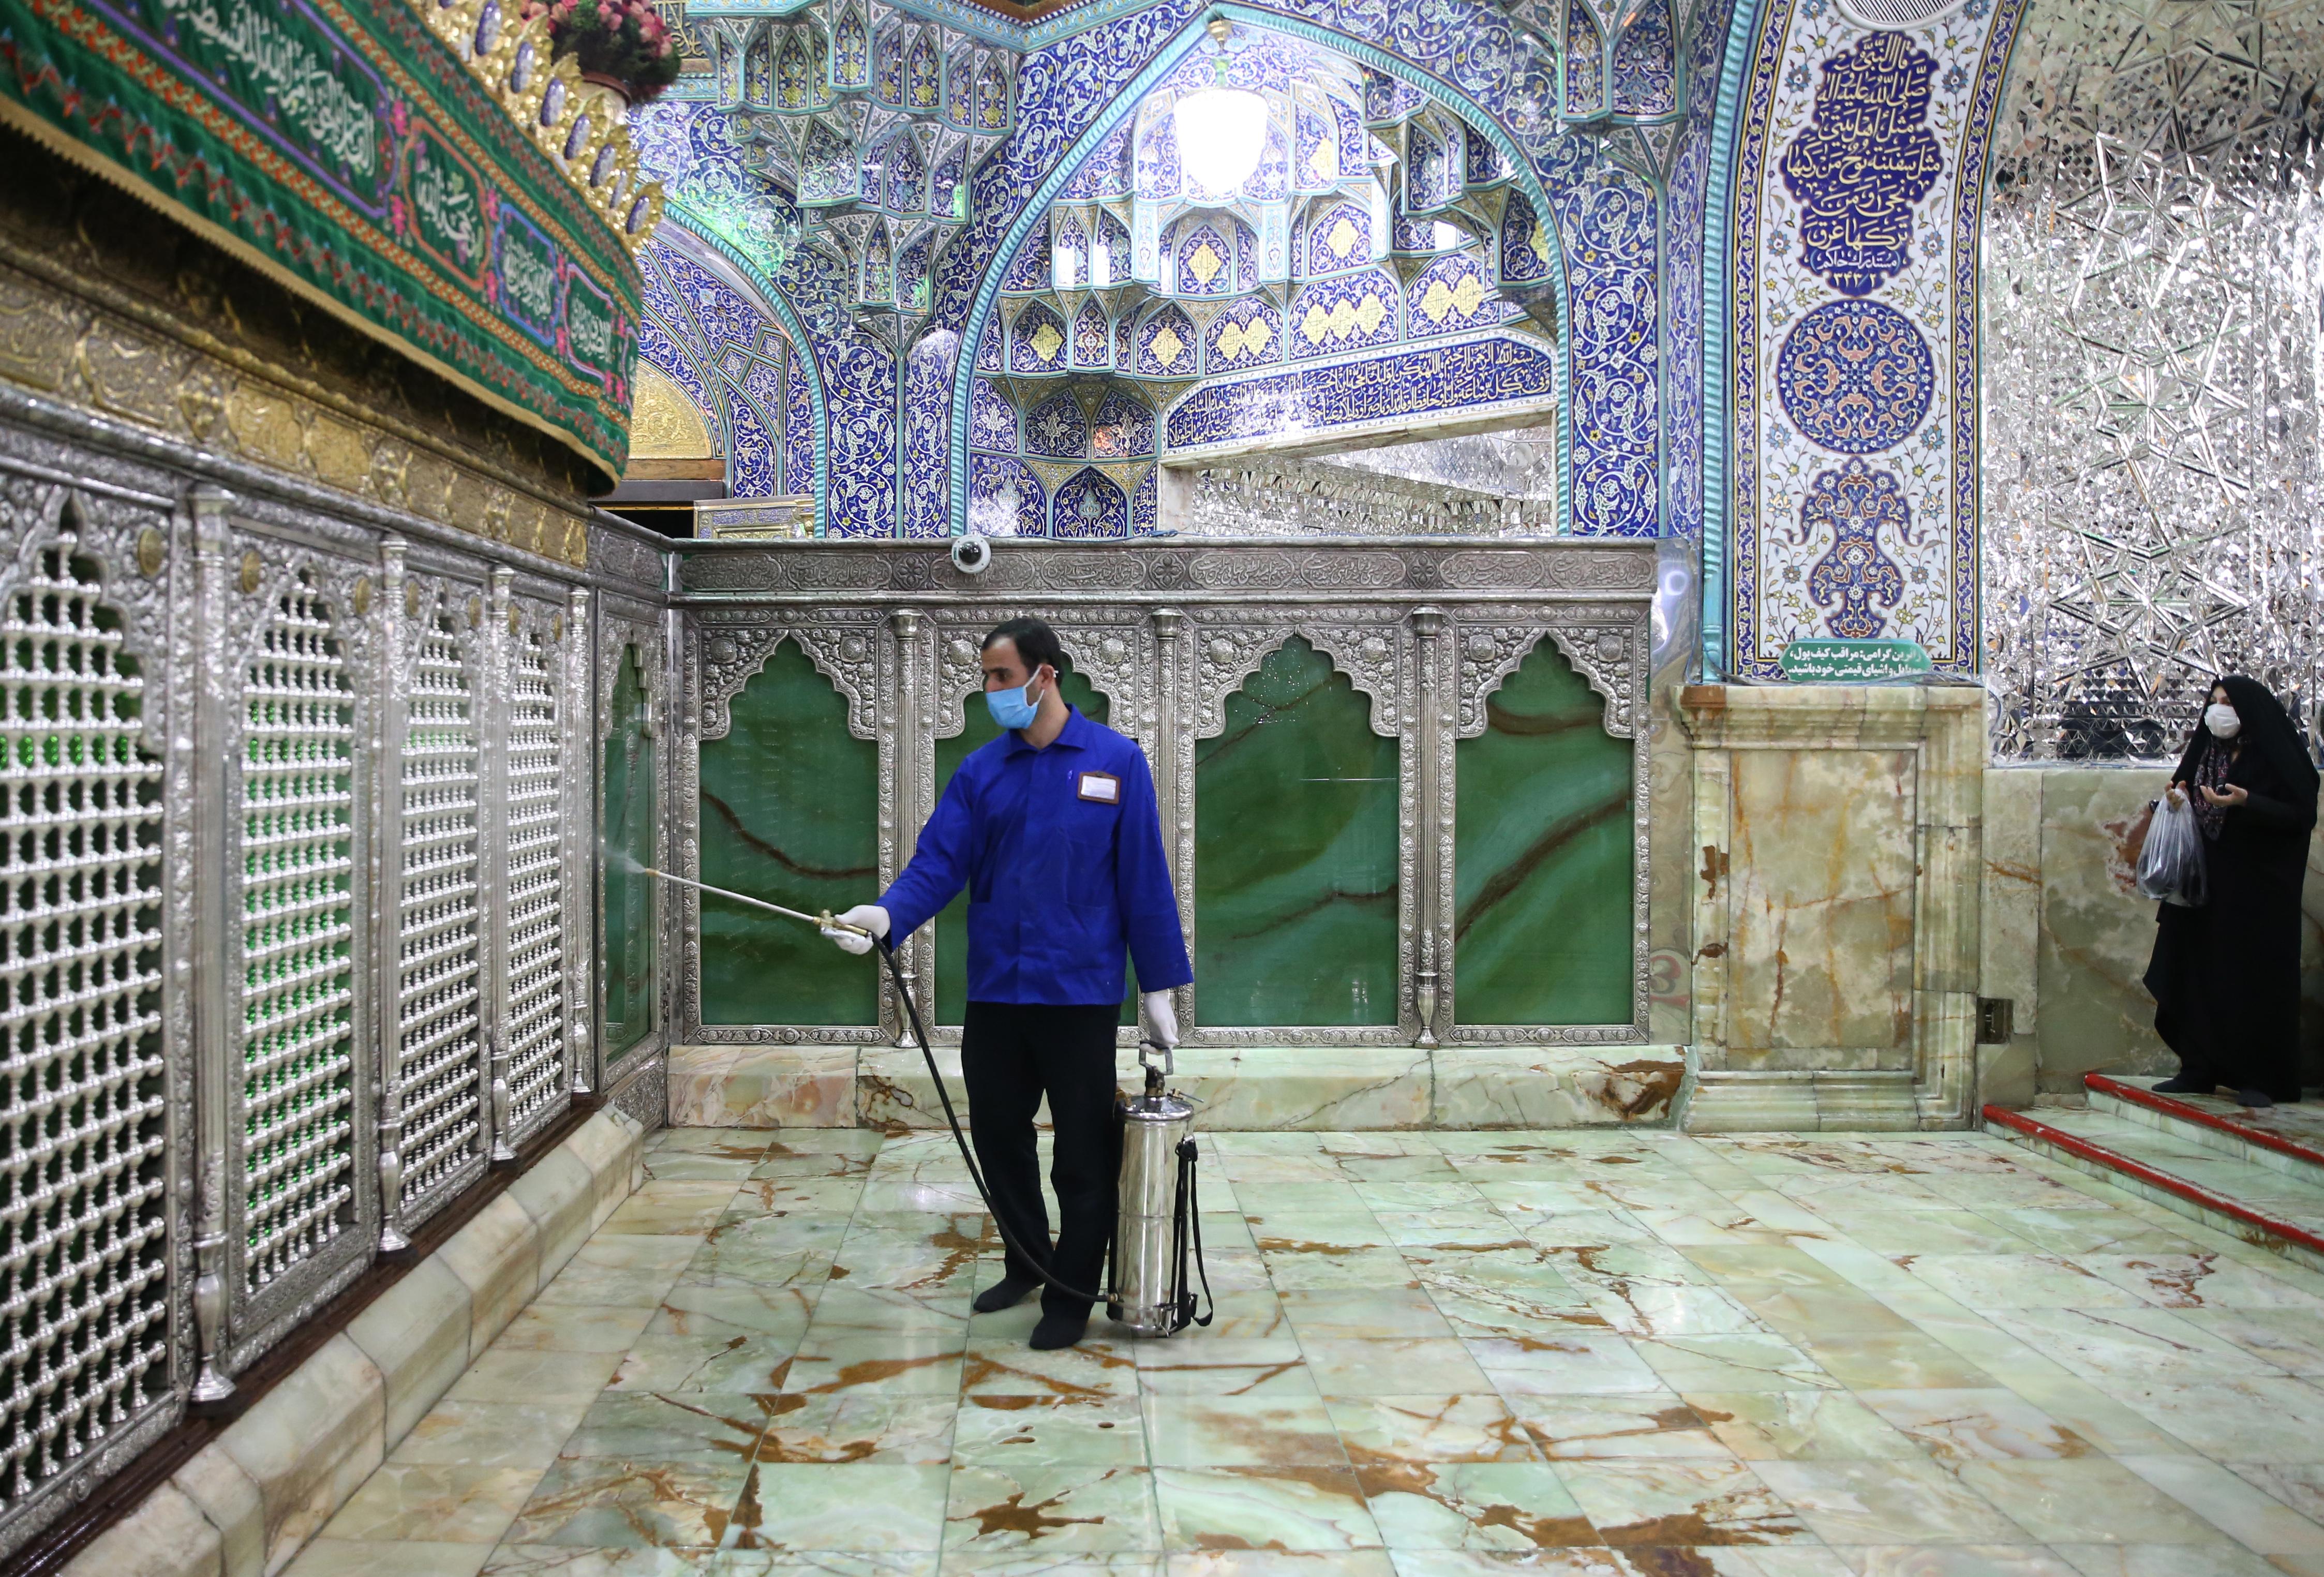 تطهير بعض الأضرحة والمزارات الدينية في إيران بعد أنباء عن وفيات بفيروس كورونا المستجد